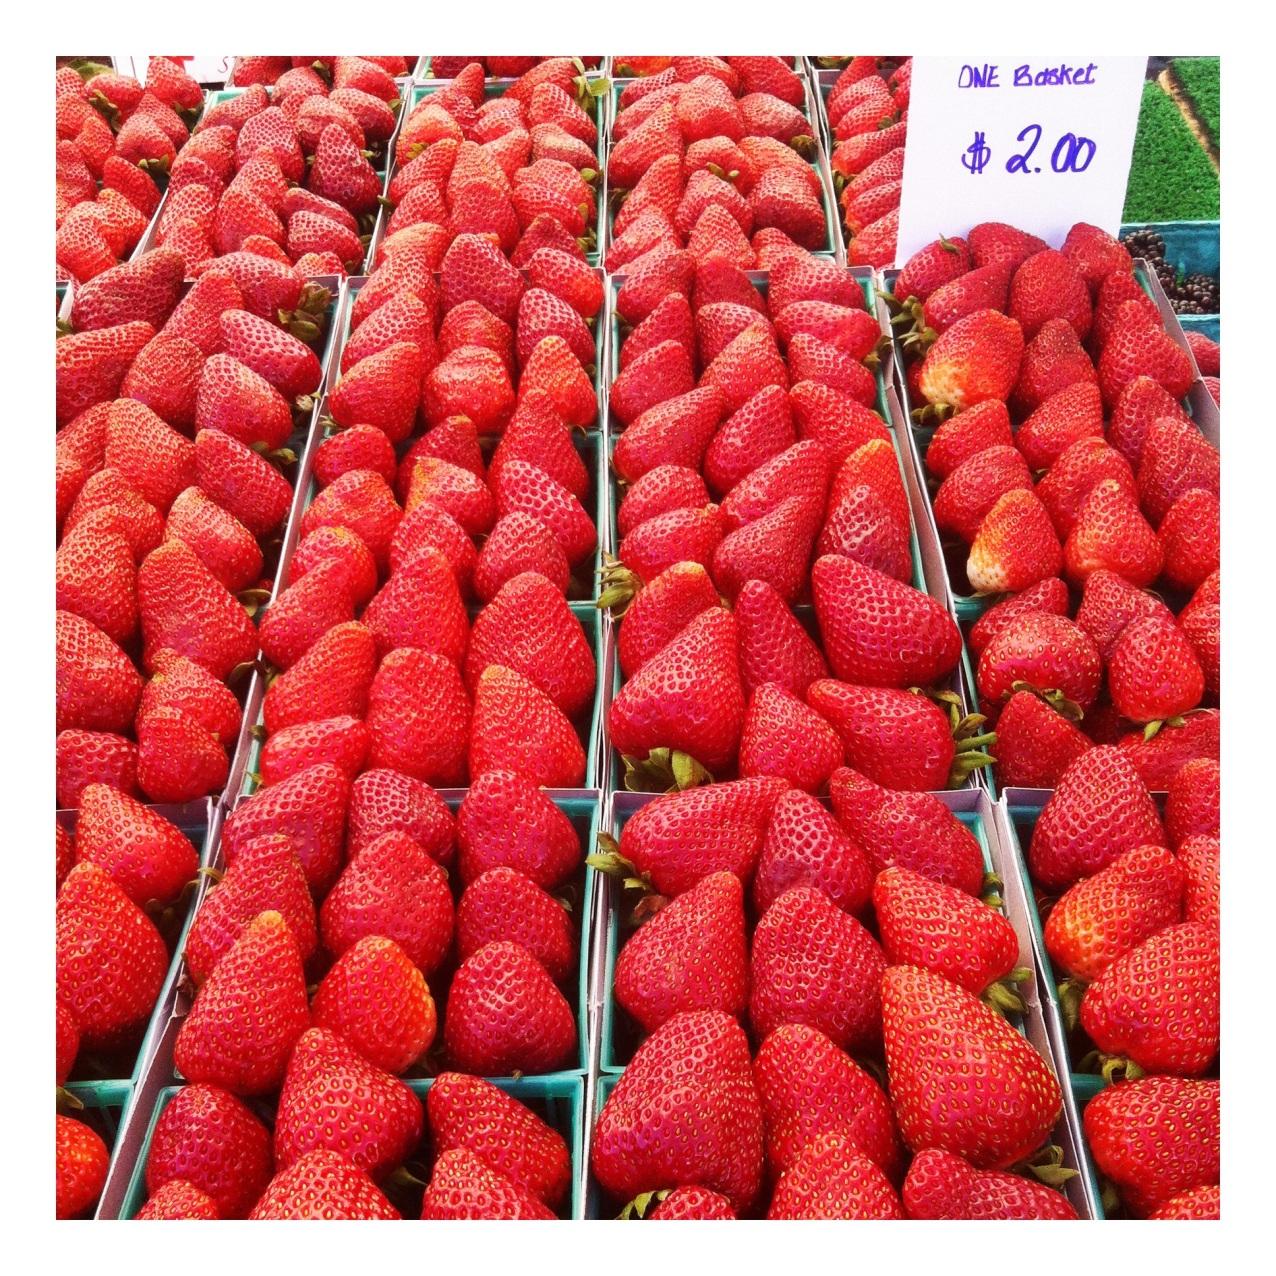 Strawberries @ Melrose Sunday Farmer's Market